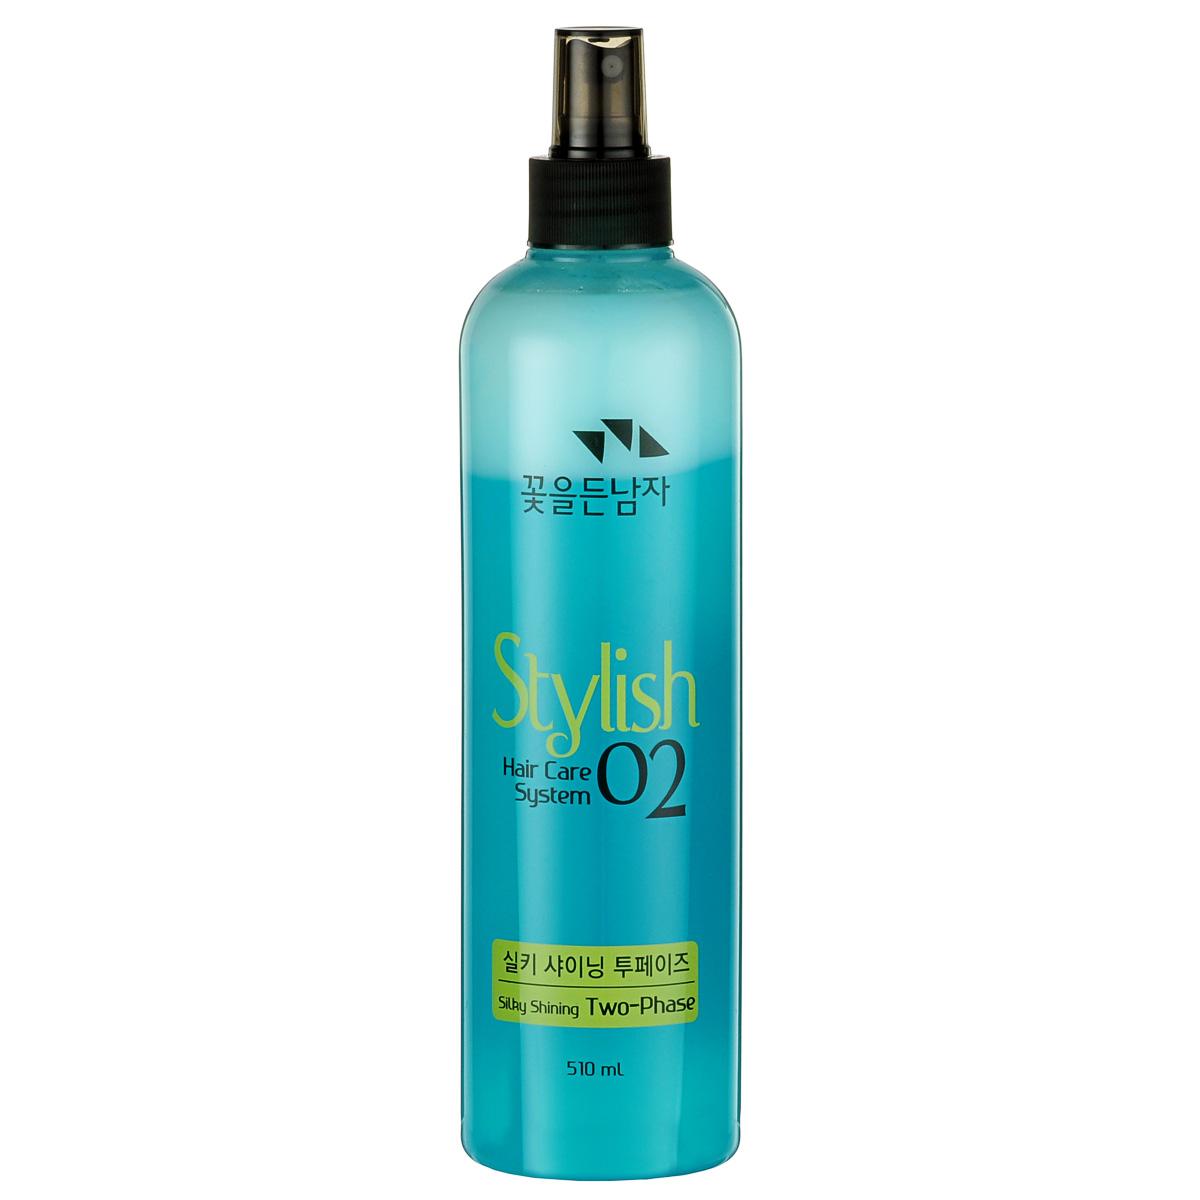 Somang Hair Care Двухфазный флюид Бриллиант, 510 мл125477Питает и восстанавливает волосы, предаваяволосам объем и здоровый блеск. Волосы не путаются и легко расчесываются. Защищает волосы отультрафиолетового излучения. Для всех типов волос.Подходит для ежедневного использования.